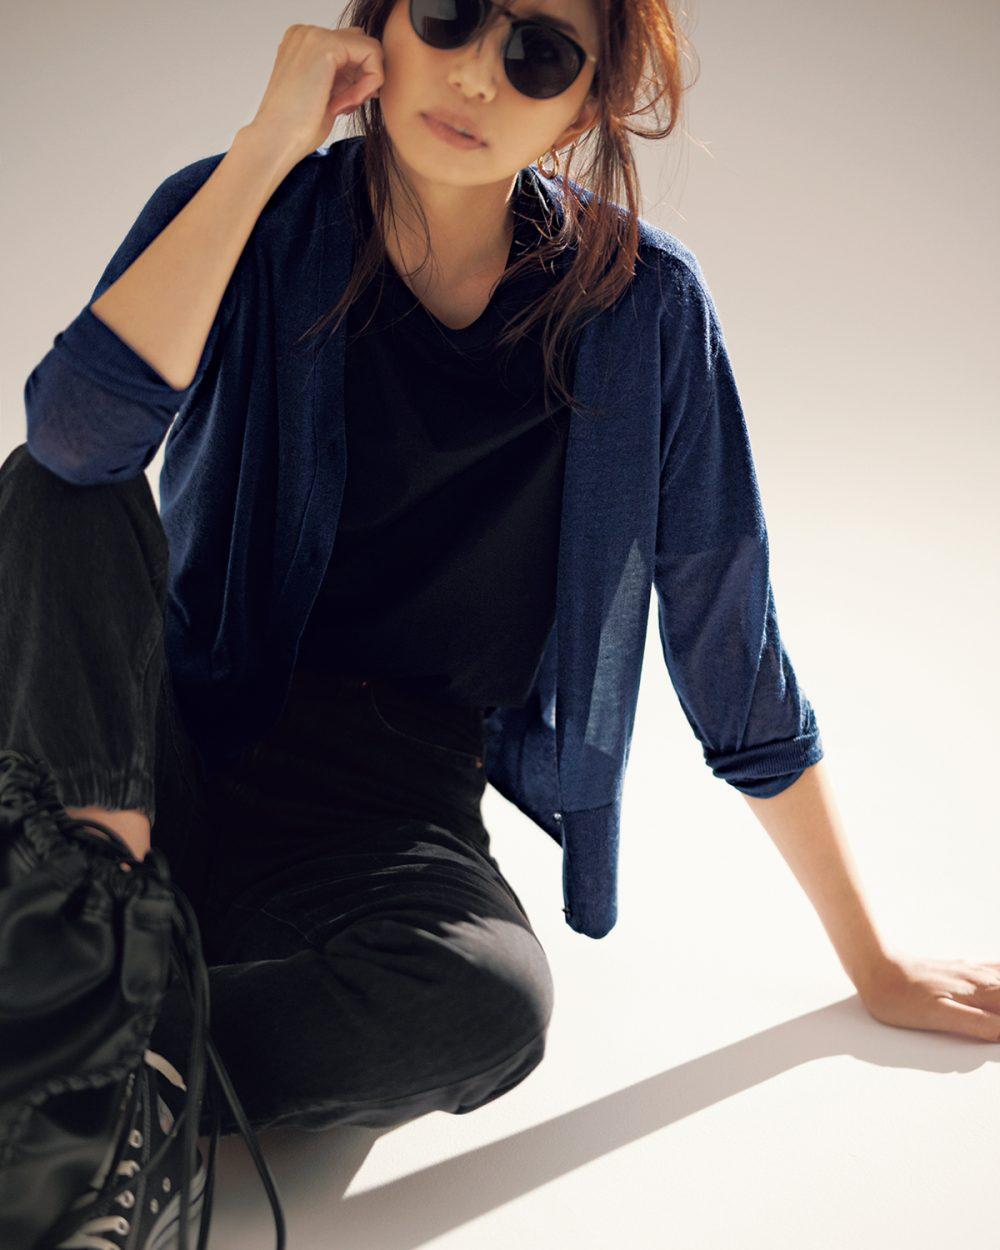 30代ファッションのお手本コーデ。アンクレイヴのニットを着るモデル東原亜希さん。